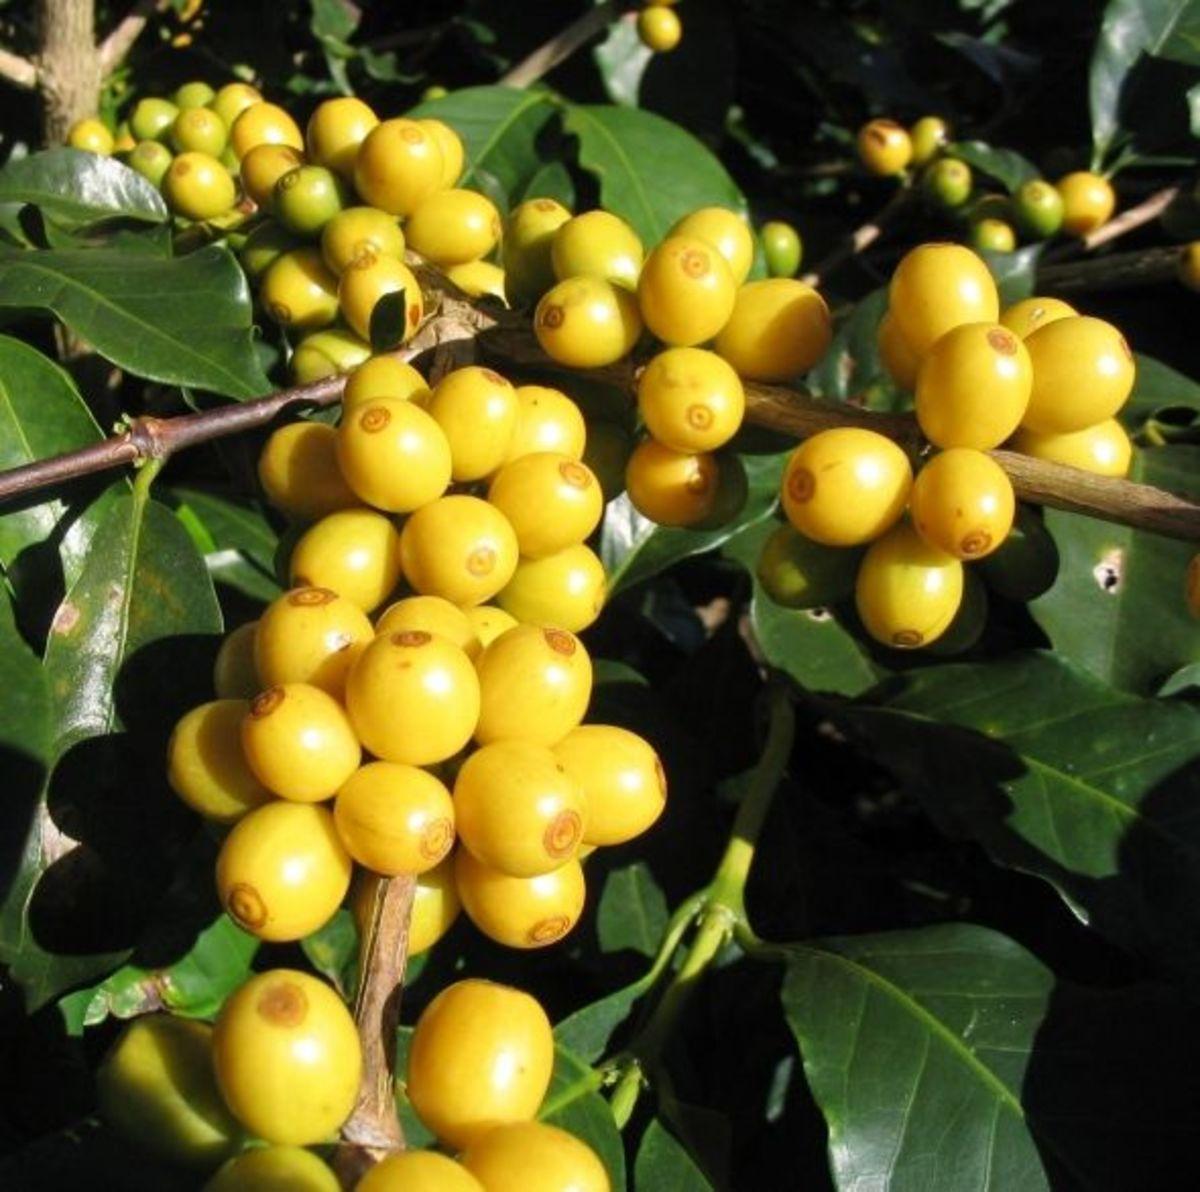 Bourbon Coffee growing in Brazil